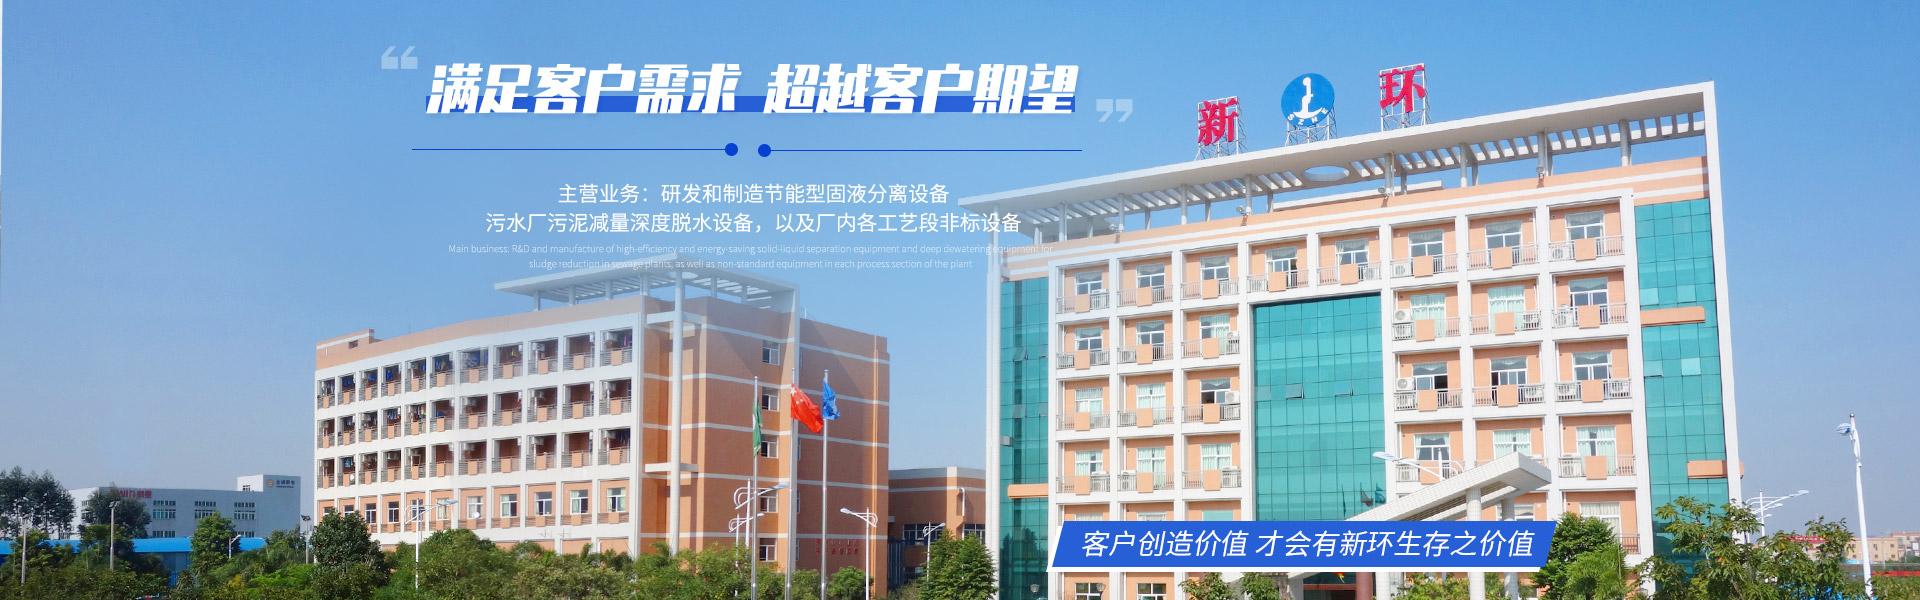 广东新环机电装备制造有限公司